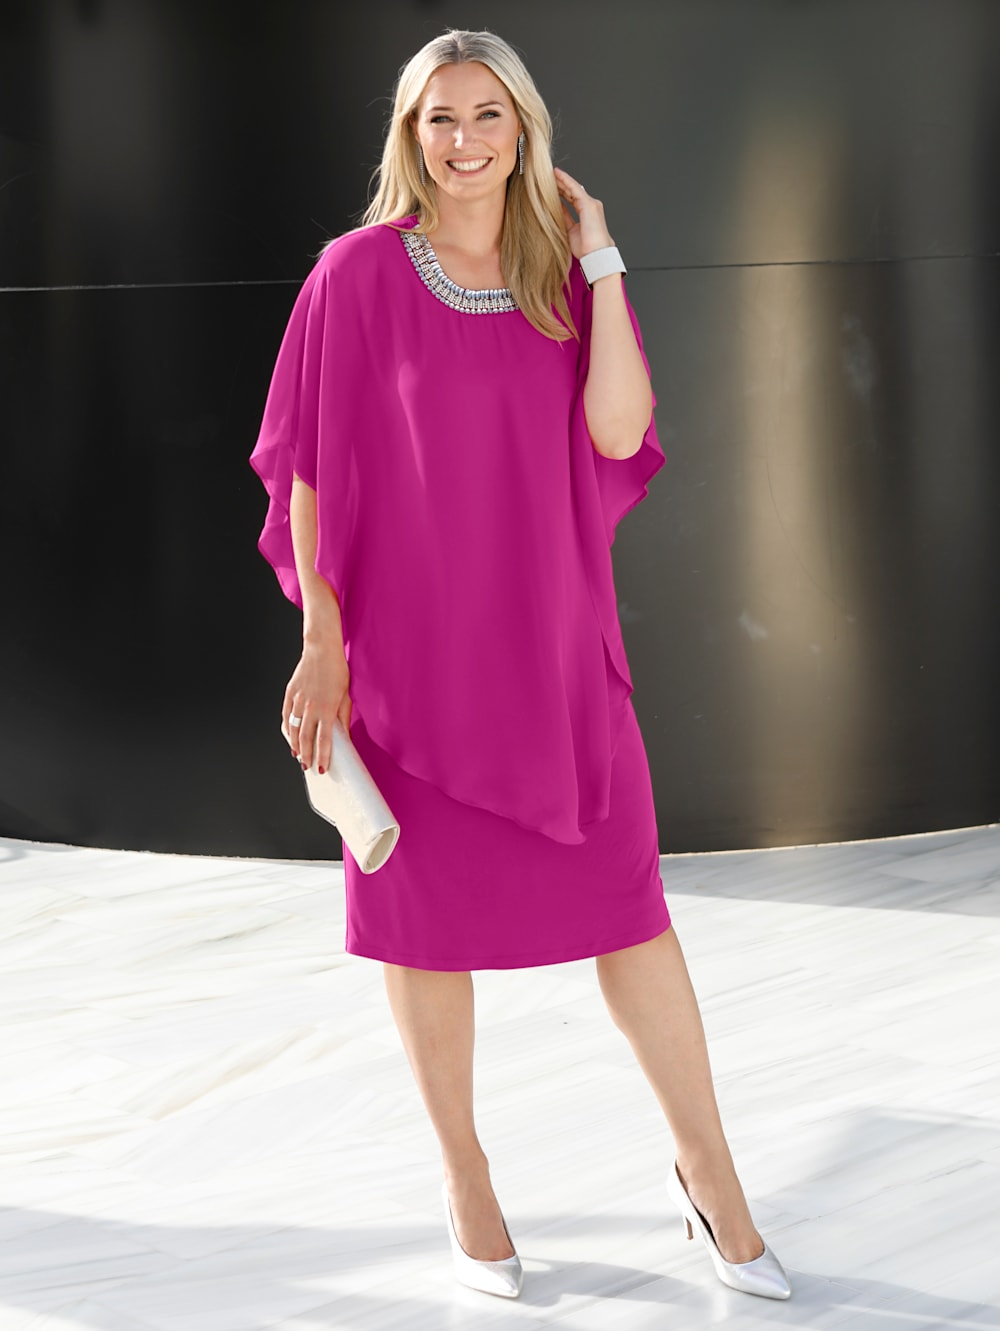 MIAMODA Kleid mit Chiffon Überzug  Mia Moda